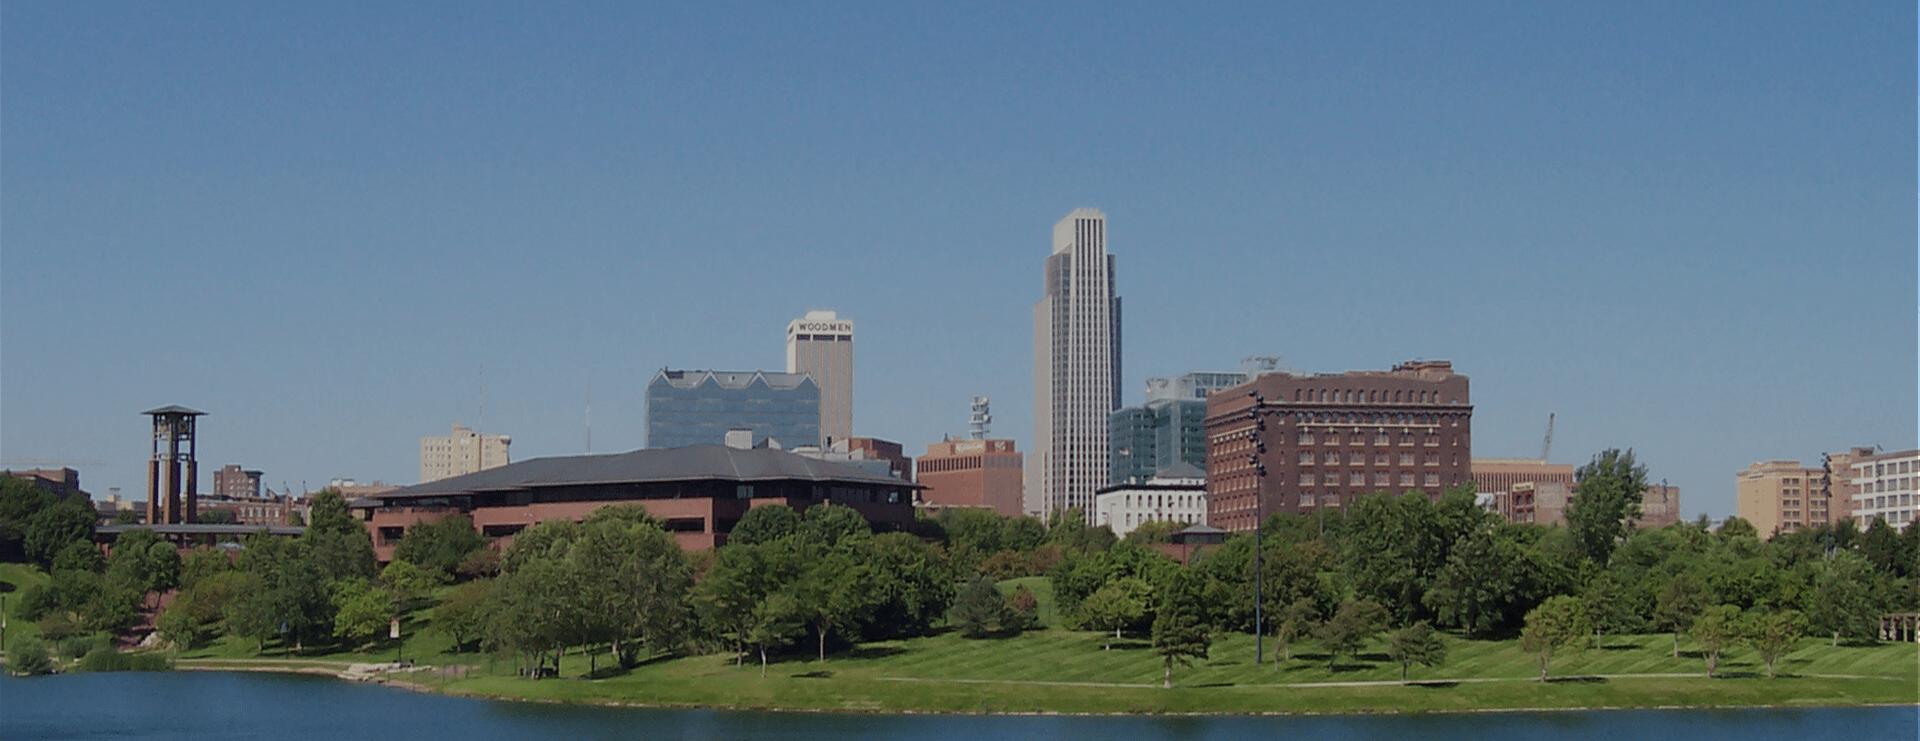 Omaha,_Nebraska banner 4